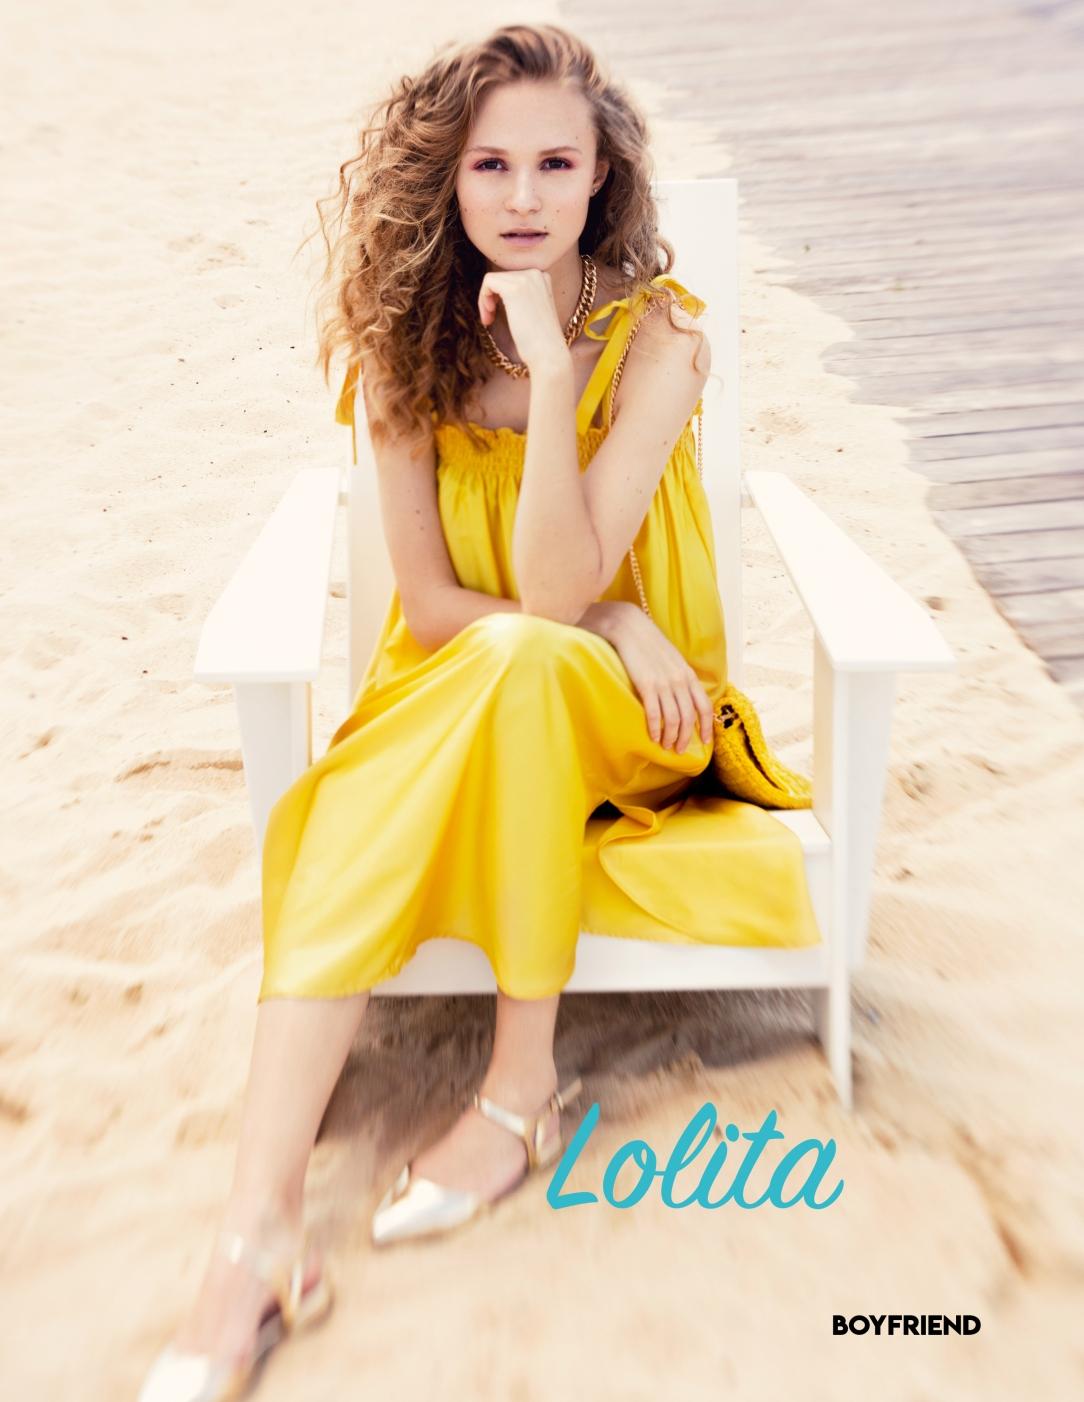 Boyfriend Mag - August 2018 - Lolita - Viktoria Bankova